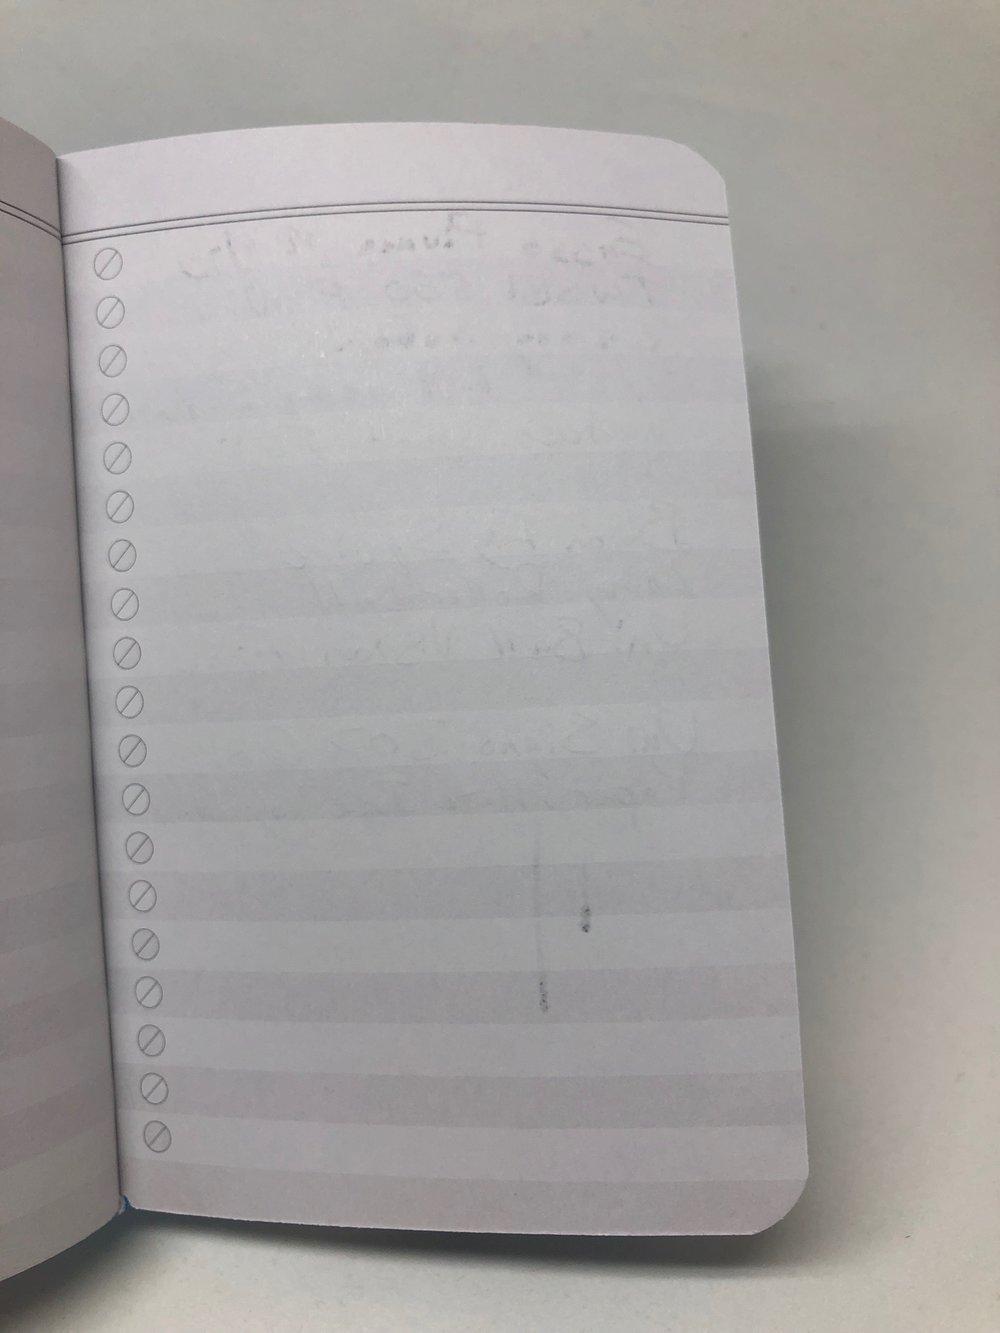 field-notes-resolution-18.jpg